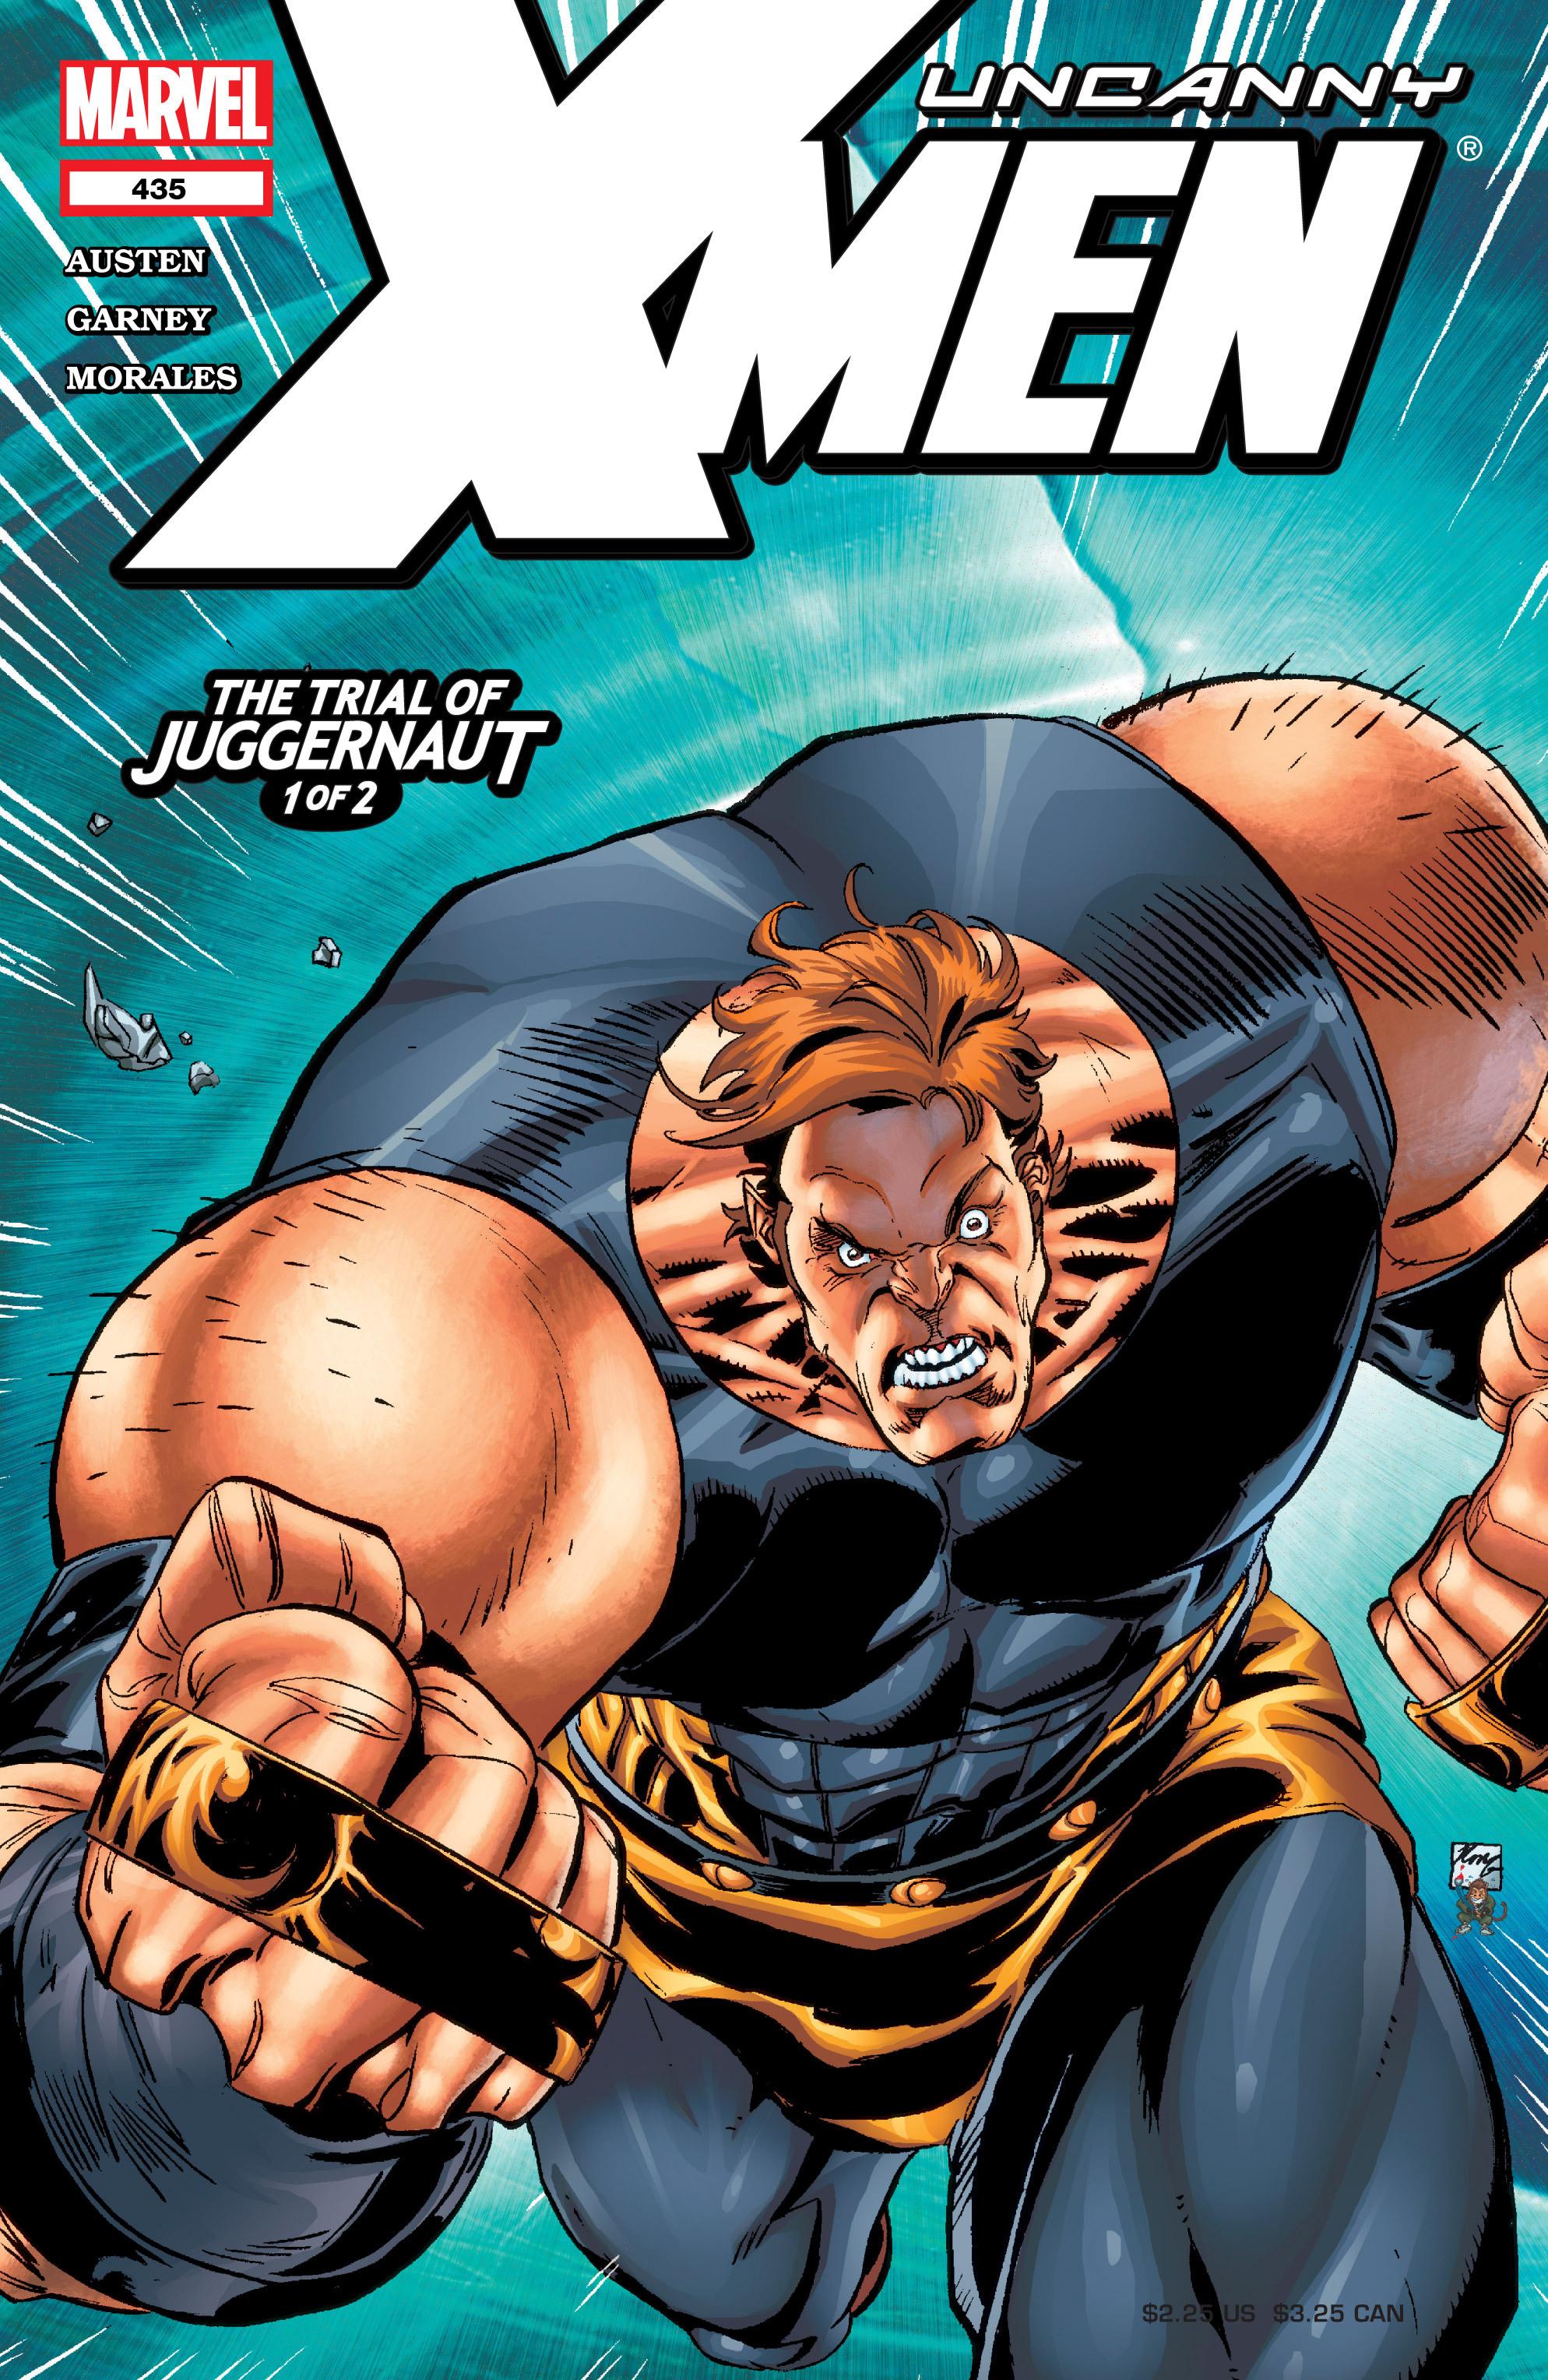 Read online Uncanny X-Men (1963) comic -  Issue #435 - 1